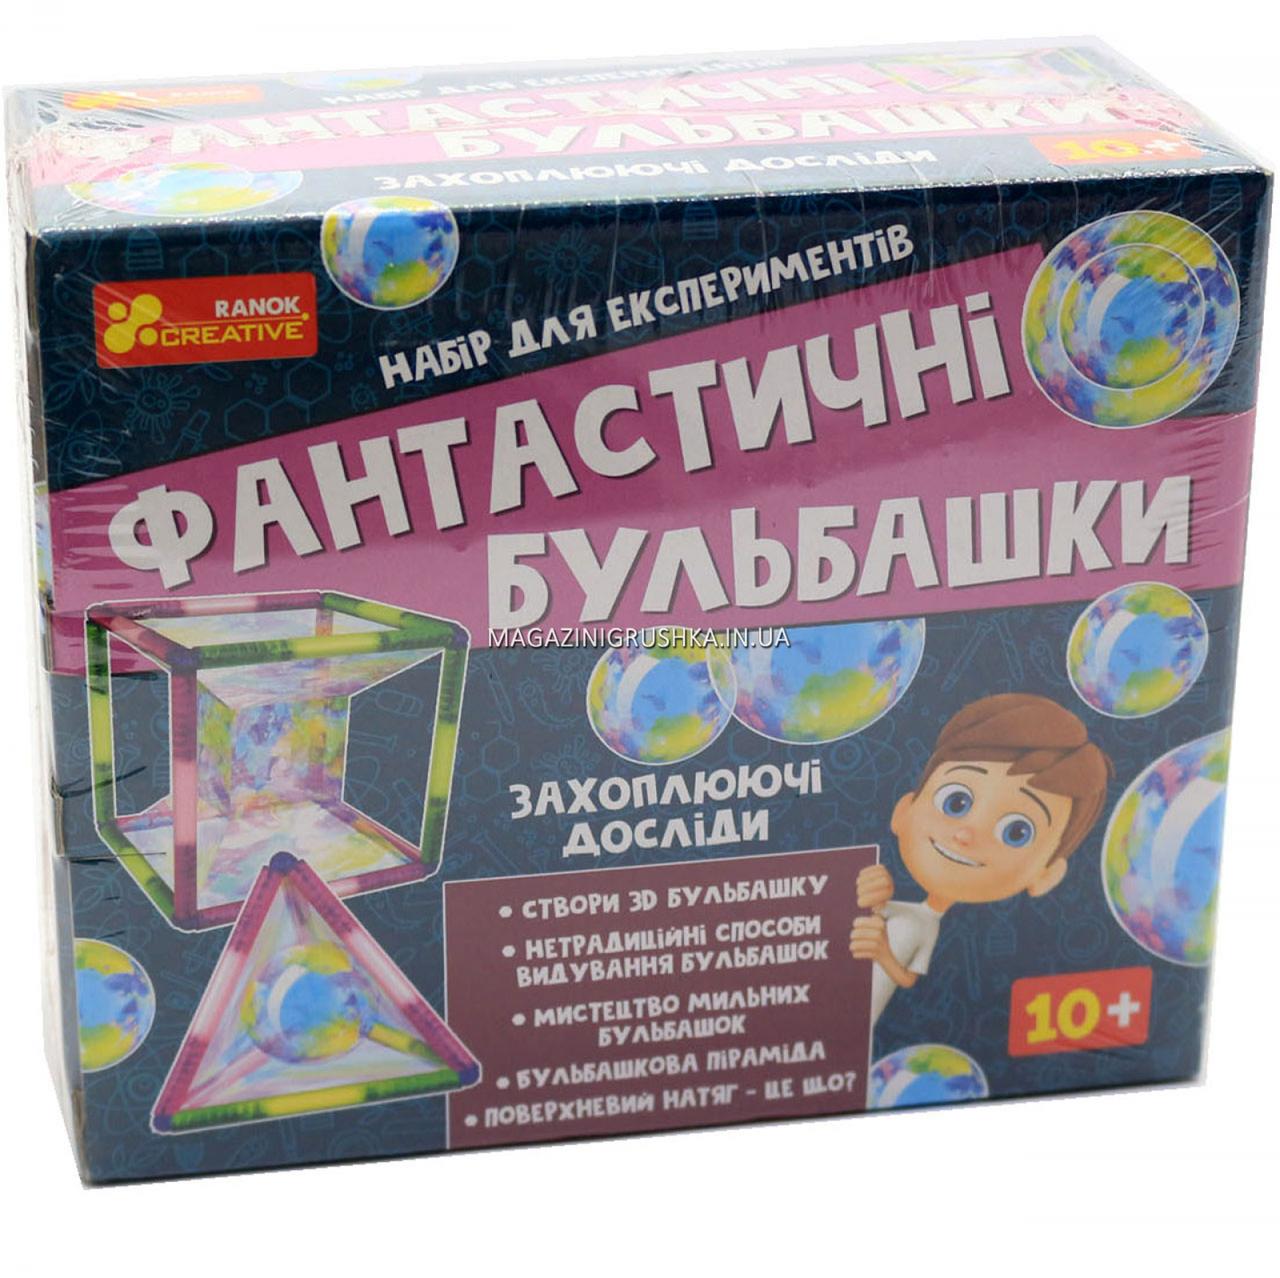 Набор для экспериментов Ranok Creative «Фантастичні бульбашки» (фантастические пузыри), 10+ (12114147У)